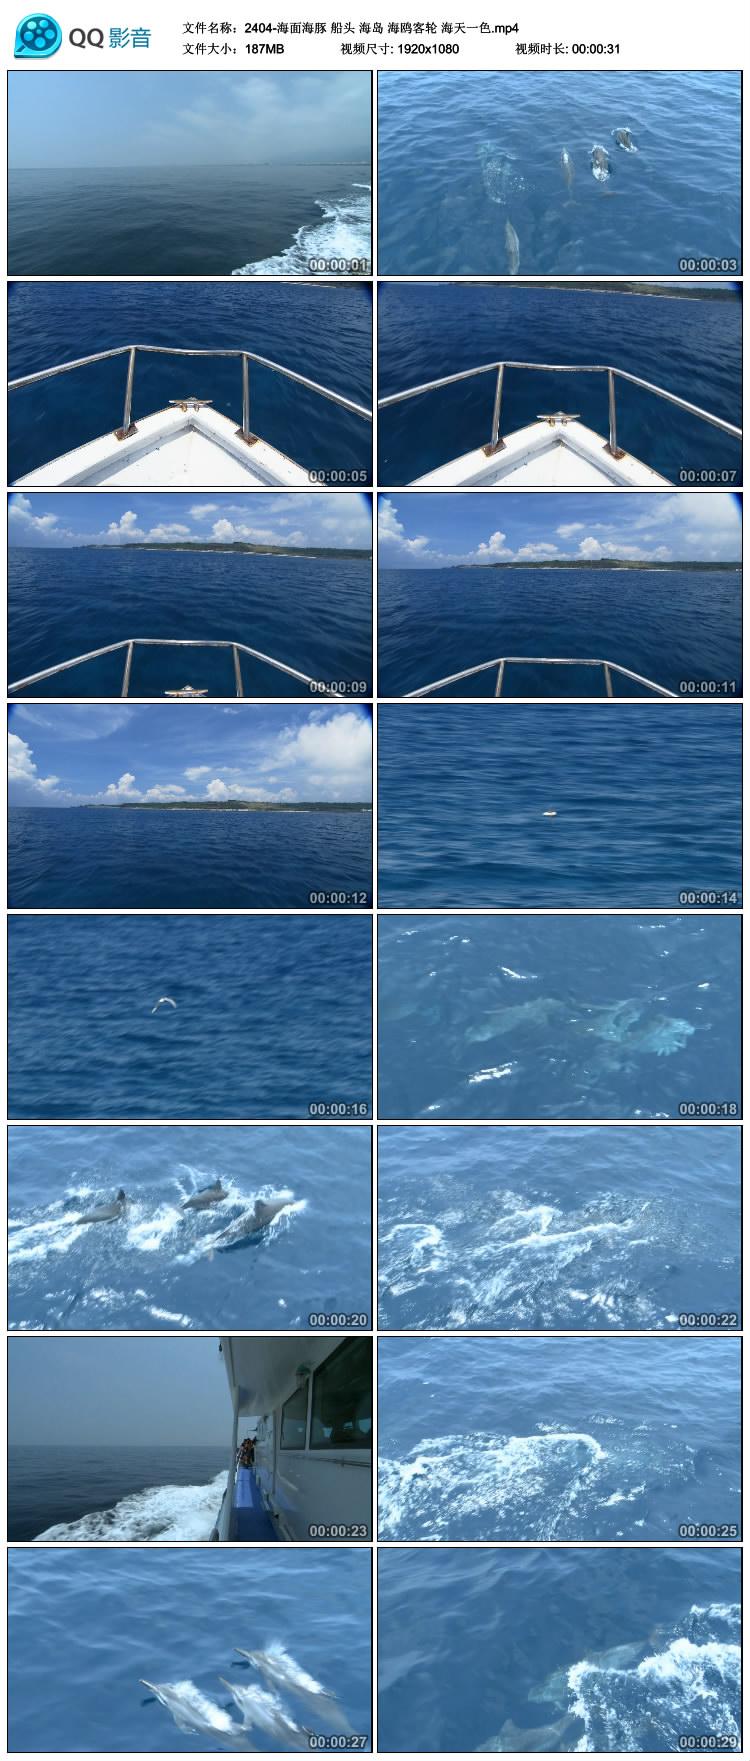 网传 海面海豚 船头 海岛 海鸥客轮 海天一色 中国高清视频素材